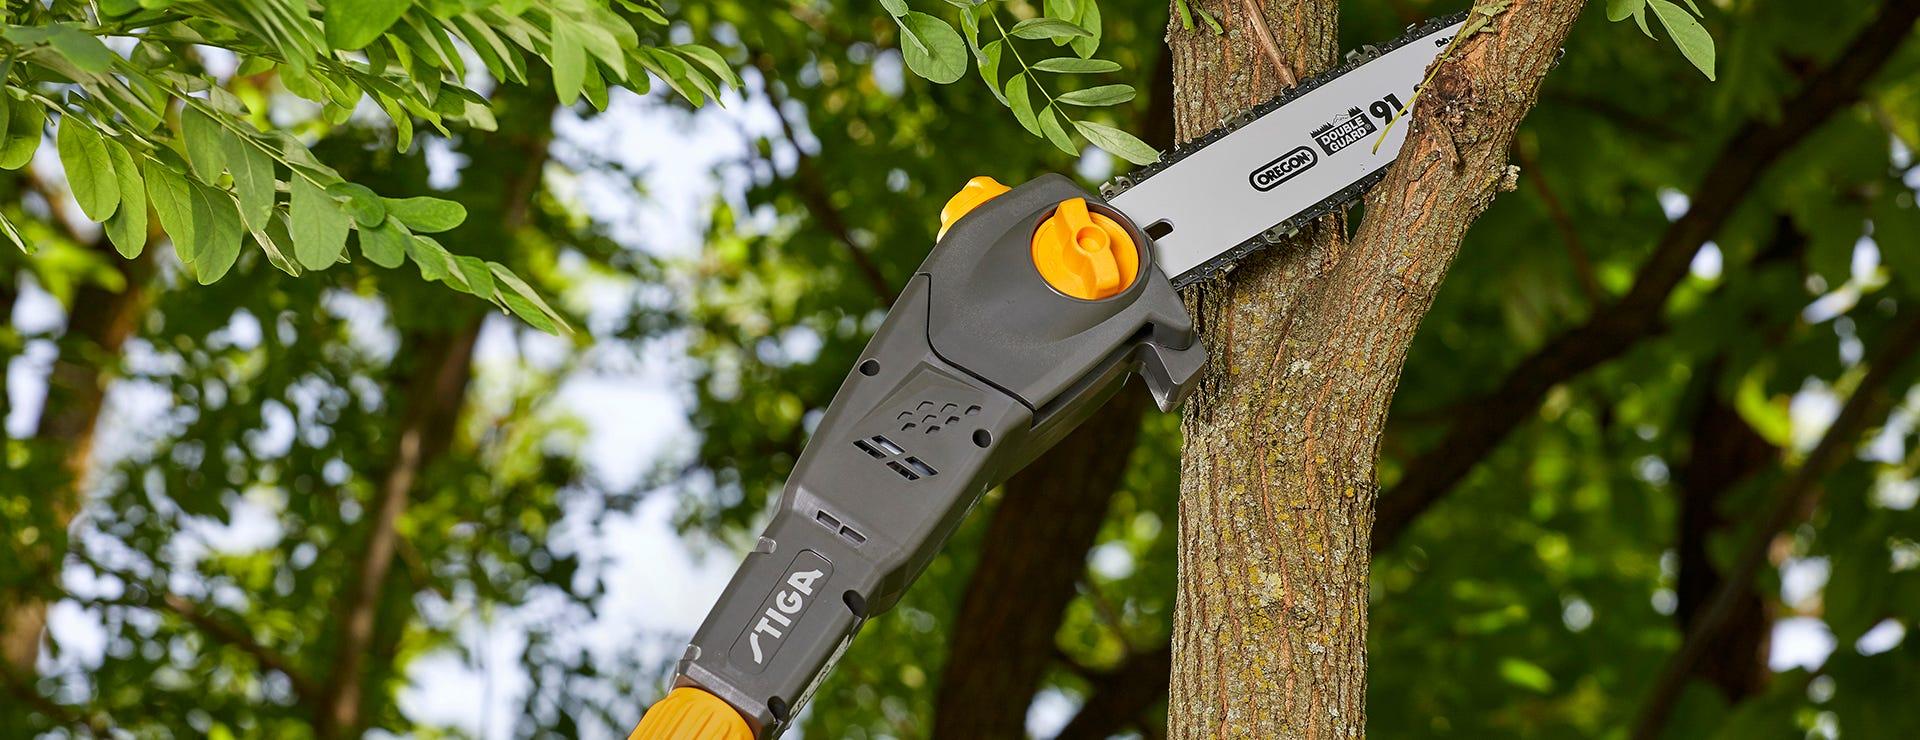 STIGA SMT 500 AE batteridrevet multi-tool